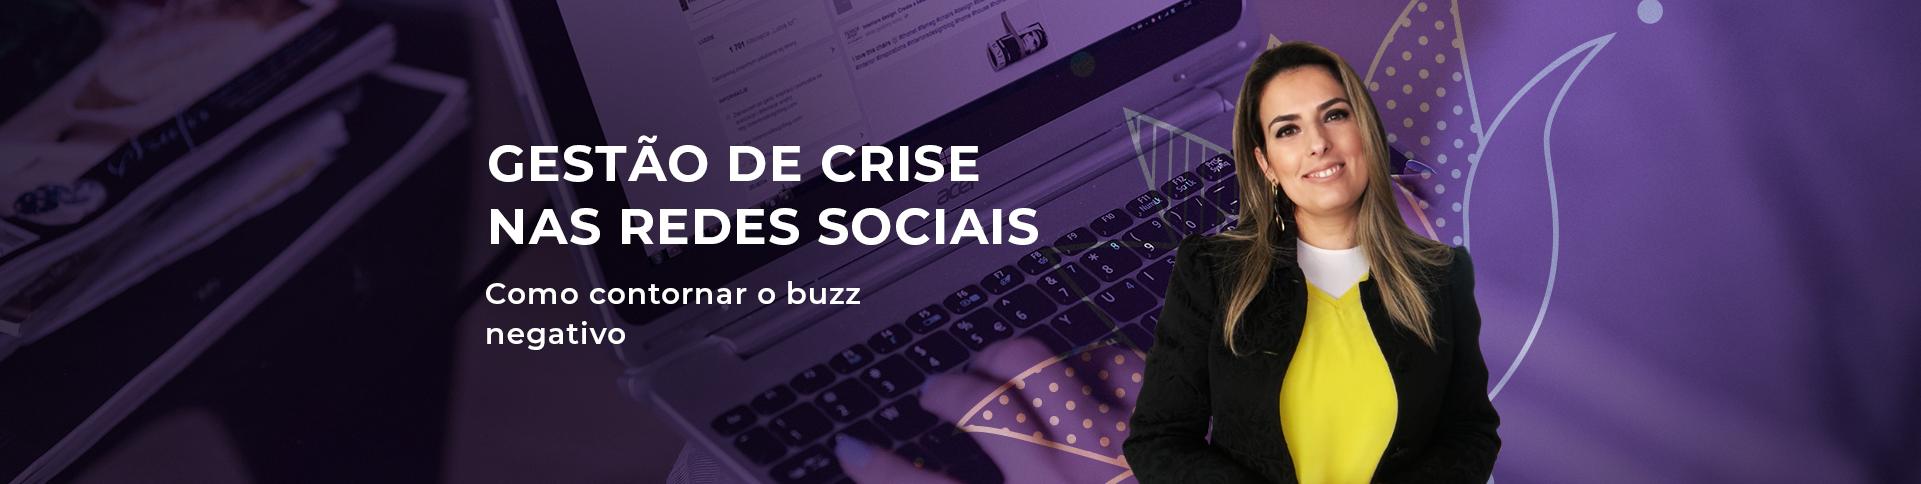 Curso Online Gestão de Crise nas Redes Sociais